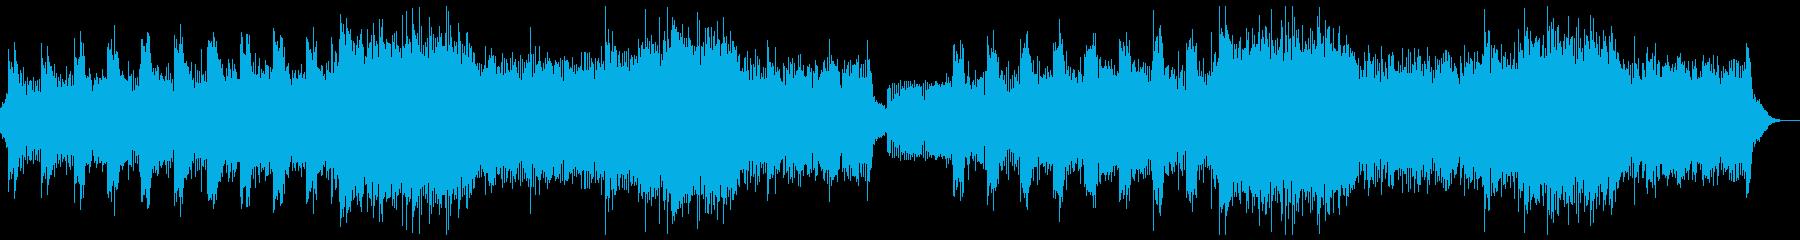 ホラー系のヘビーメタルロック・戦闘バトルの再生済みの波形